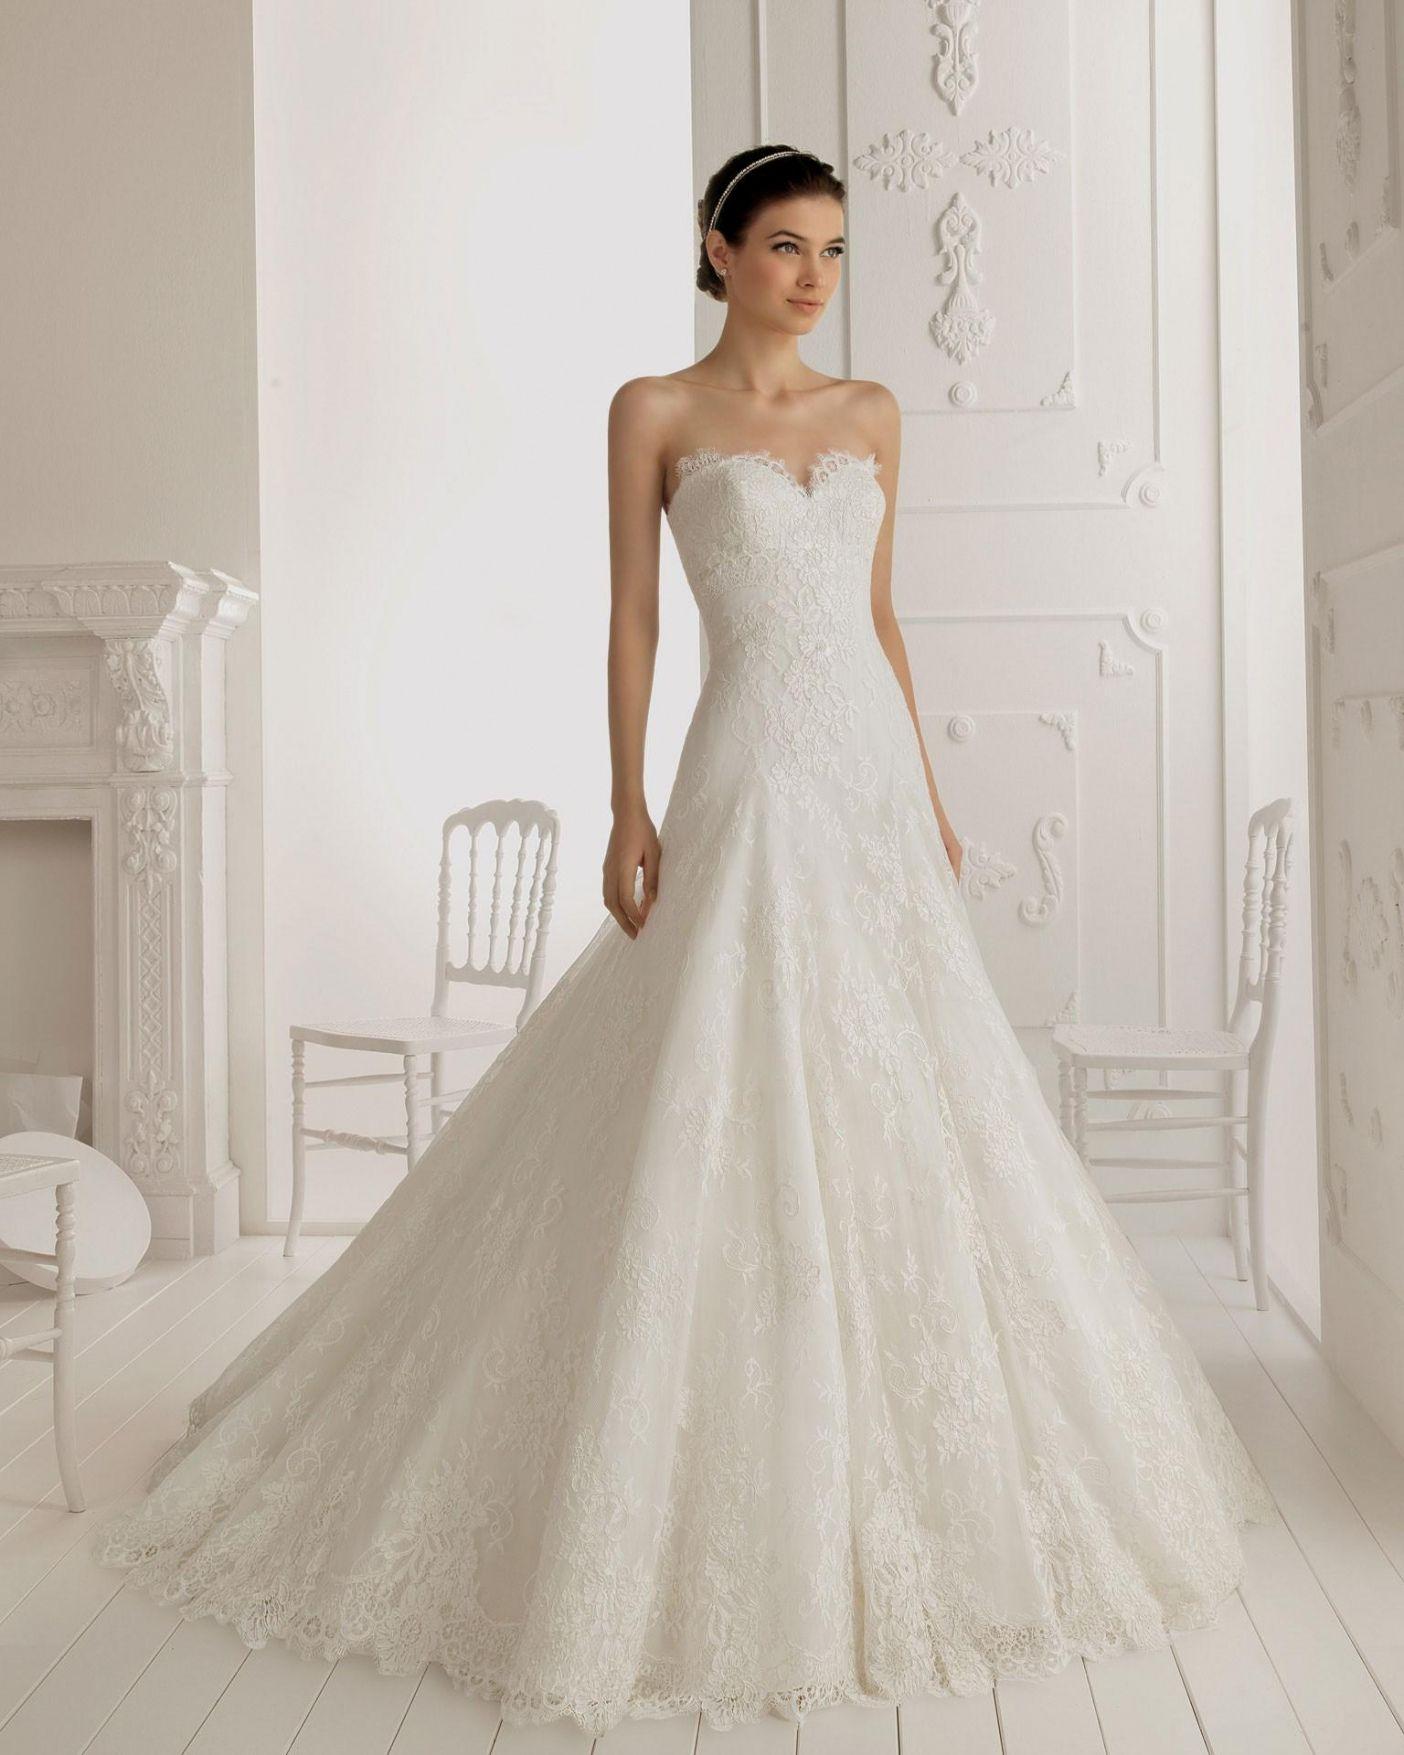 50+ Dropped Waist Wedding Dress - Cold Shoulder Dresses for Wedding ...